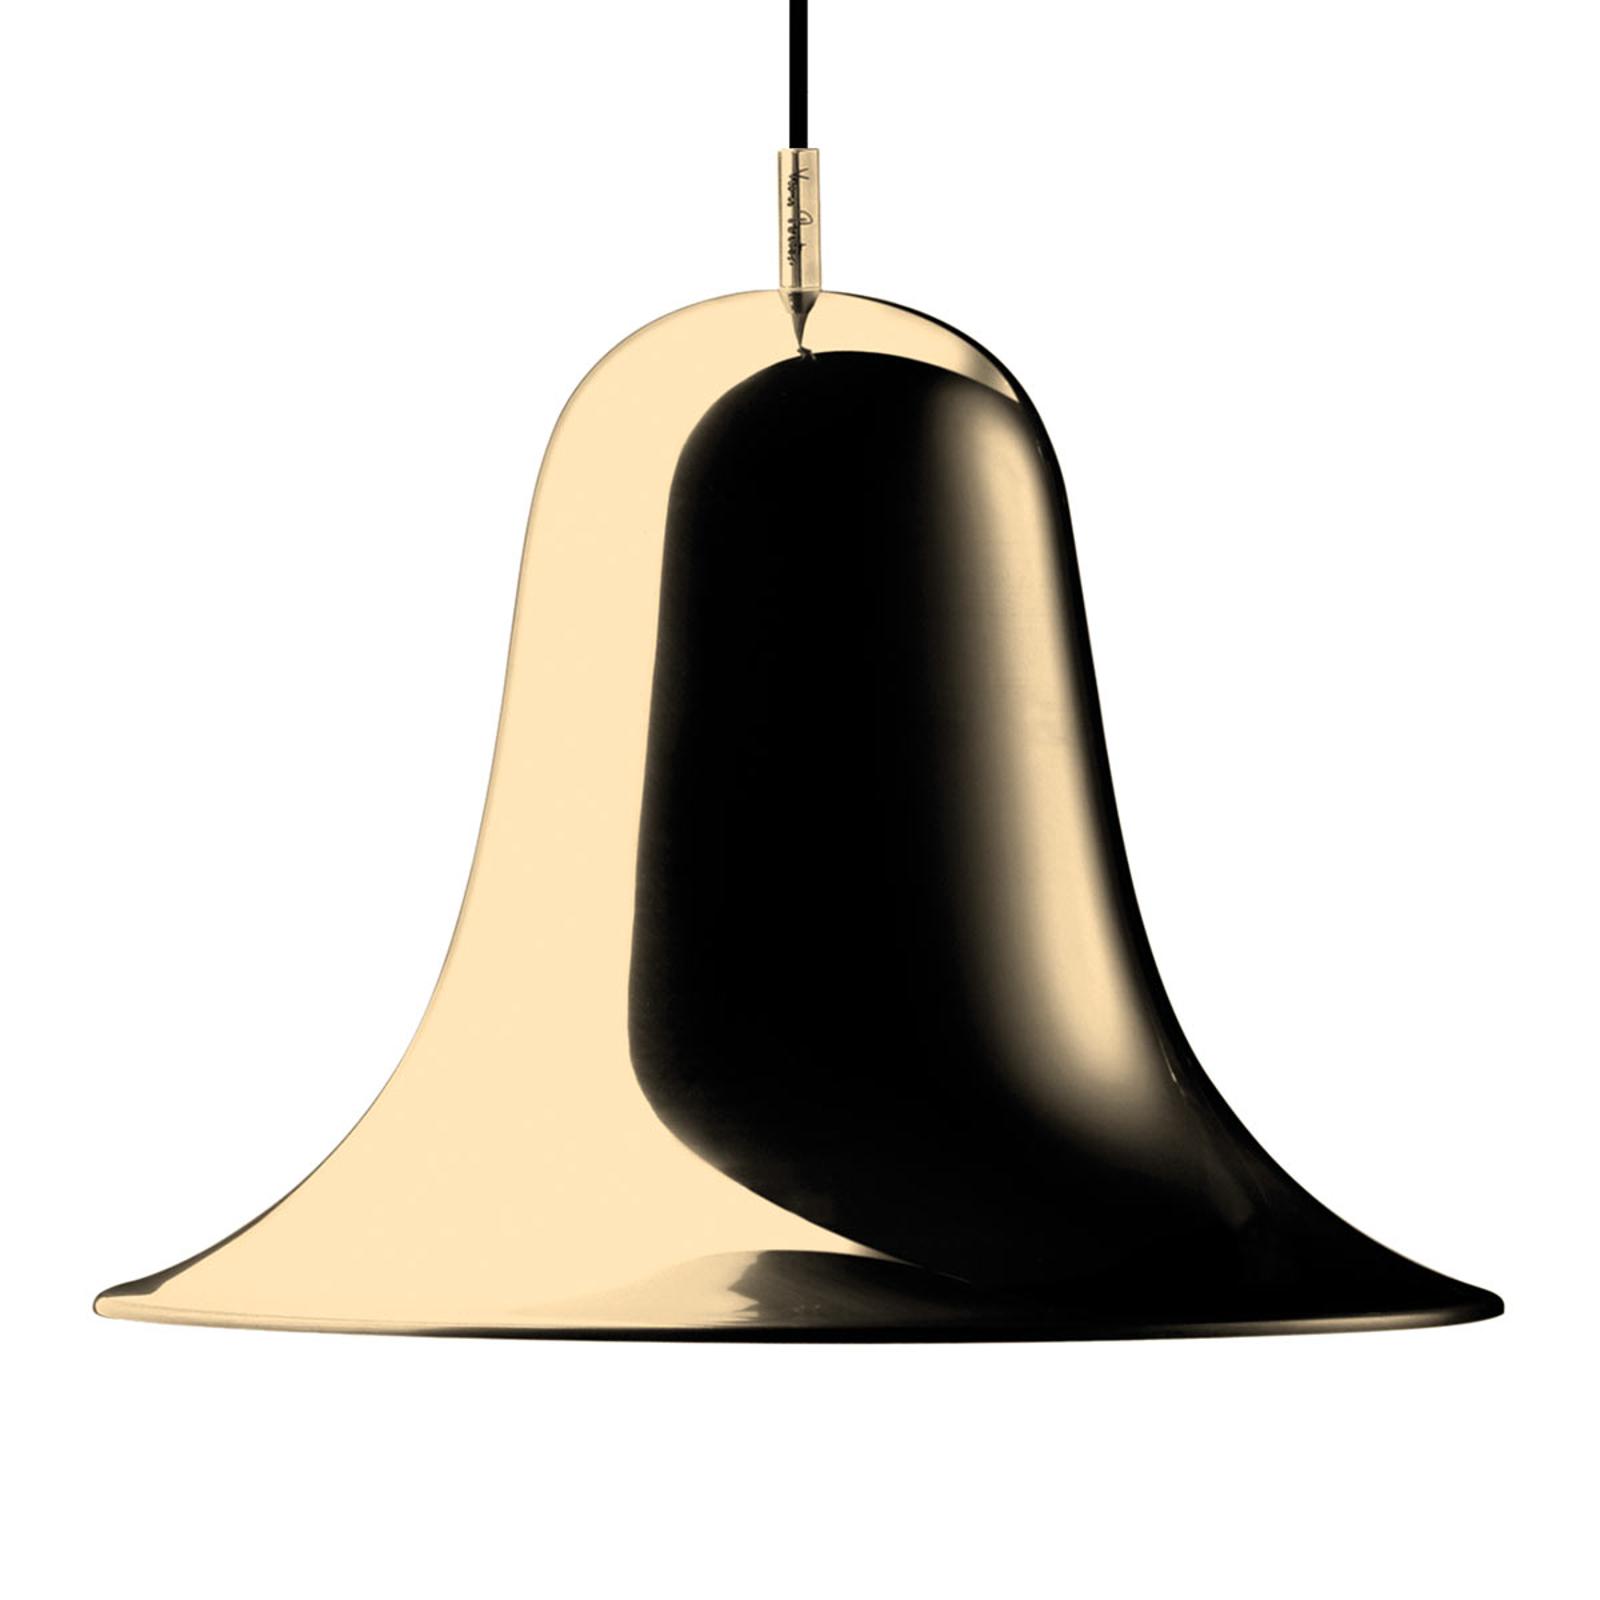 VERPAN Pantop hanglamp, Ø 30 cm, messing glanzend